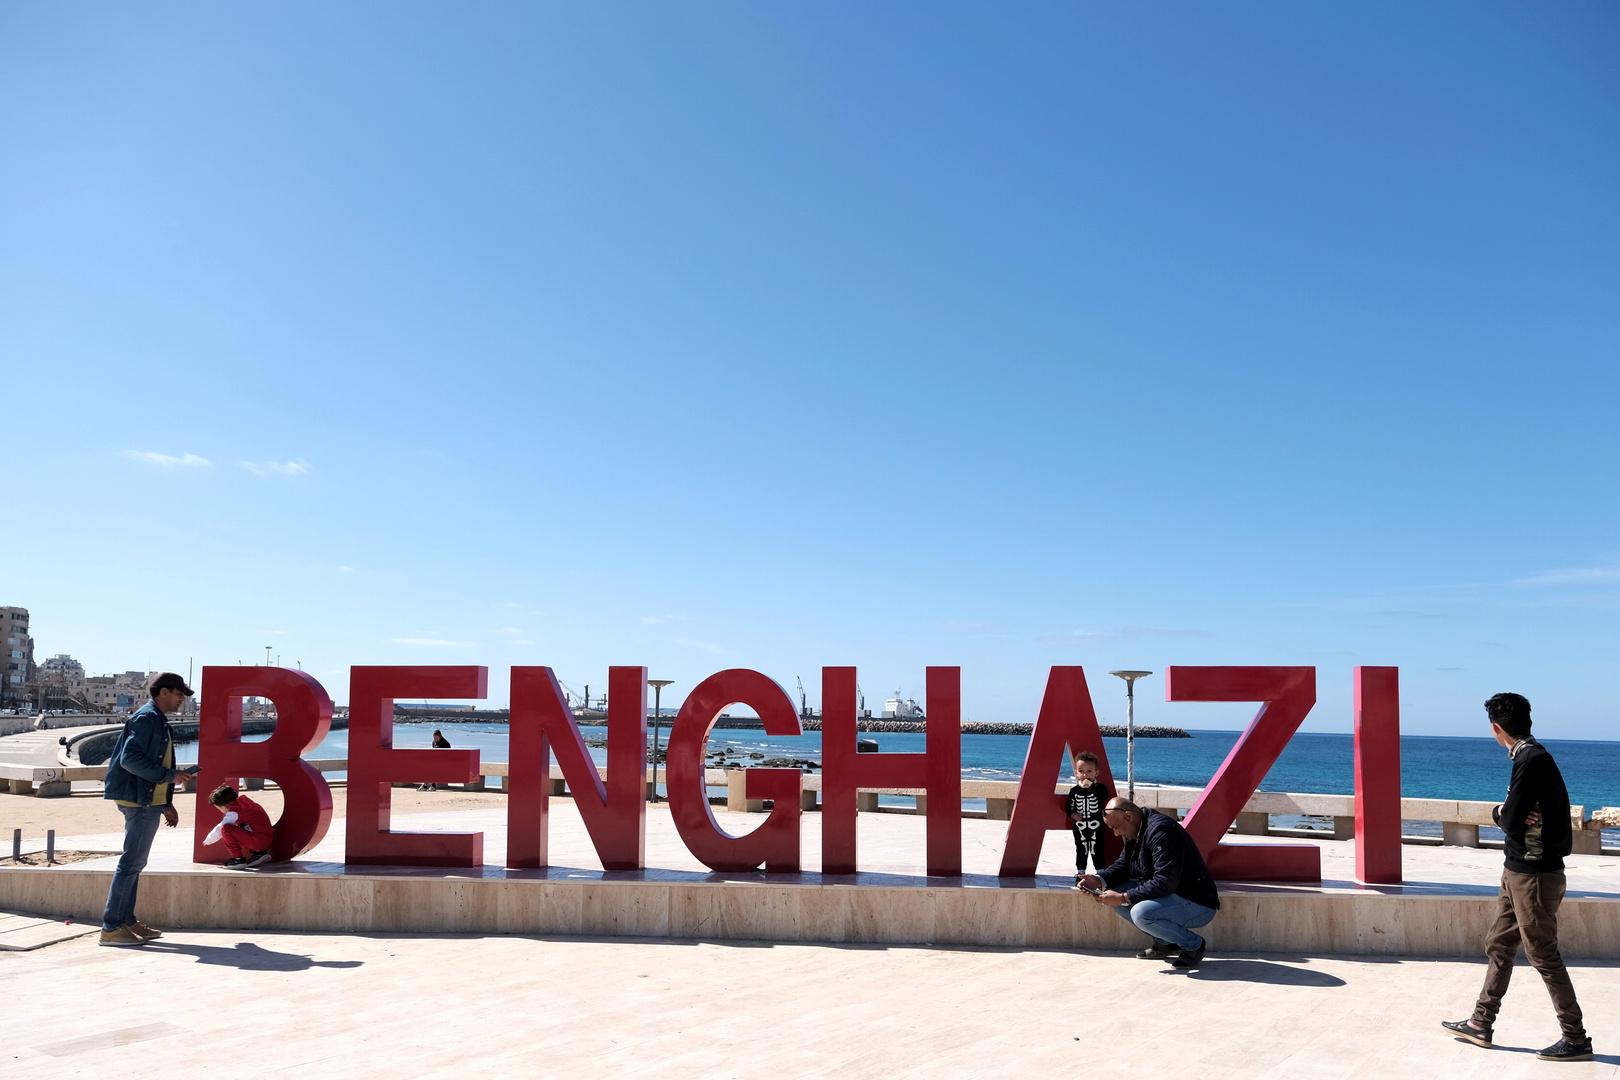 عمان: نتابع مزاعم اغتصاب أردنية في بنغازي الليبية